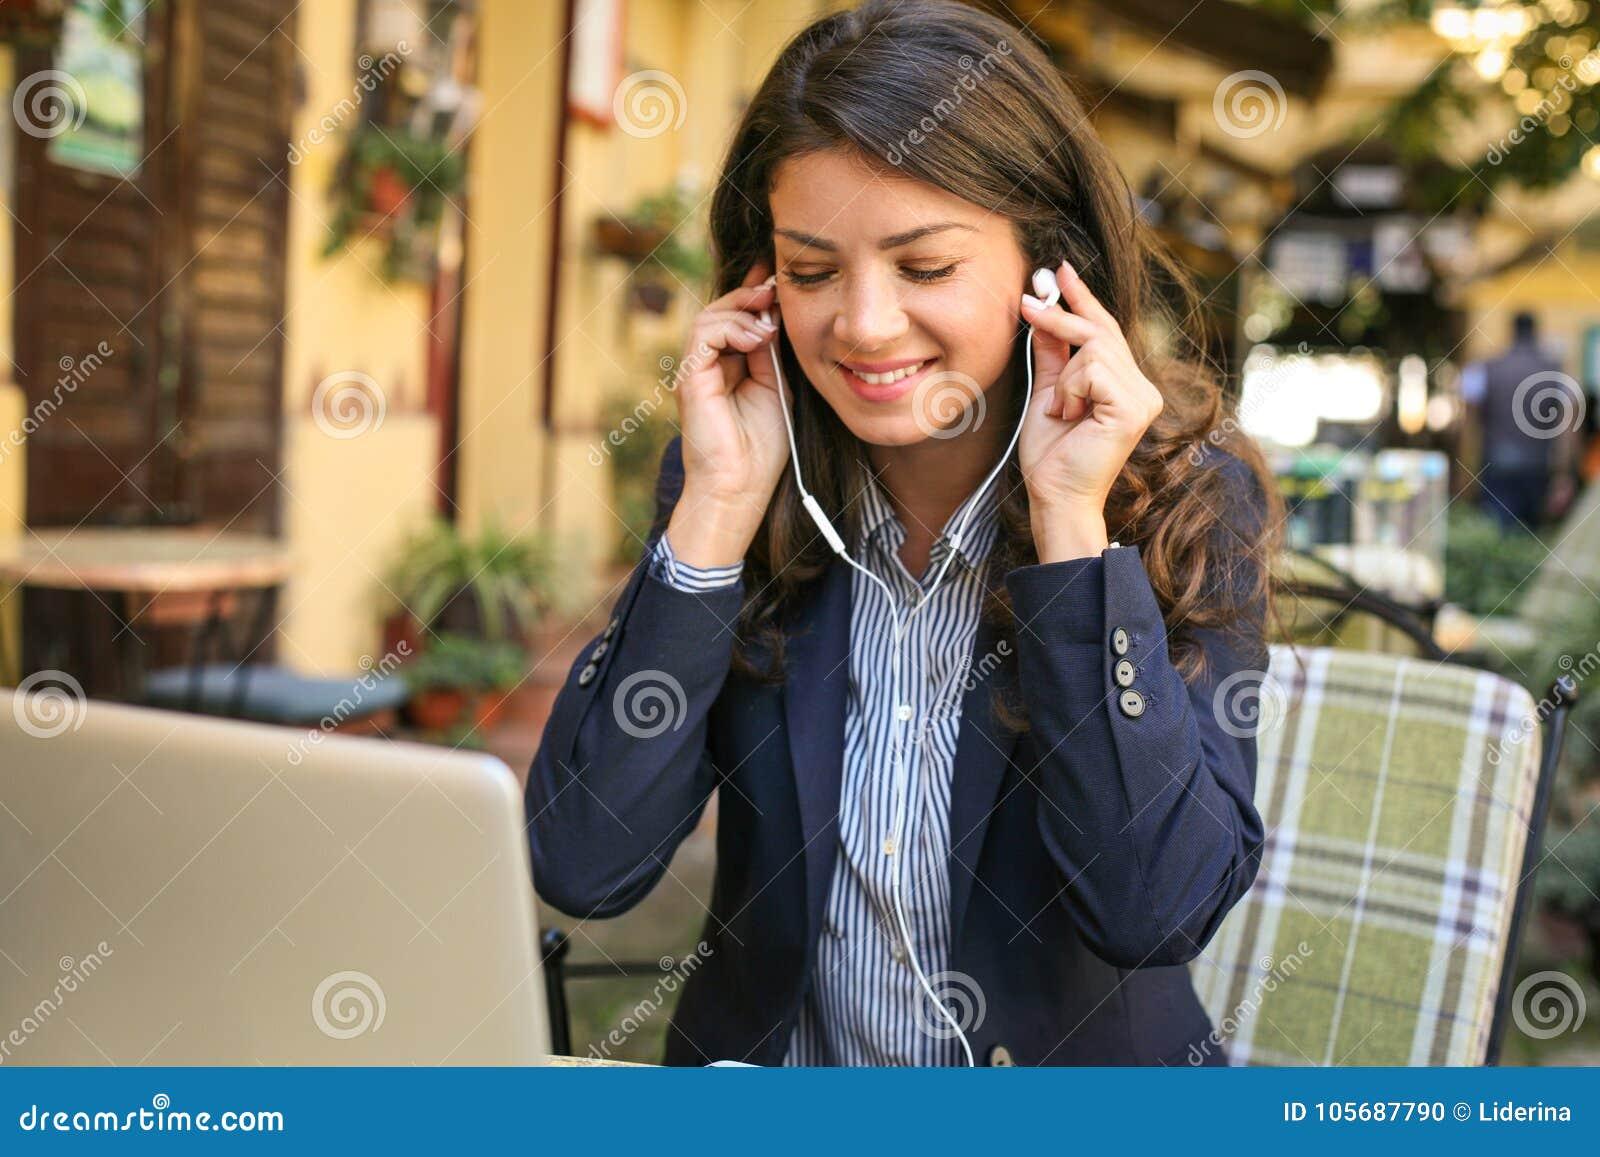 Musik ist für Geschäft gut